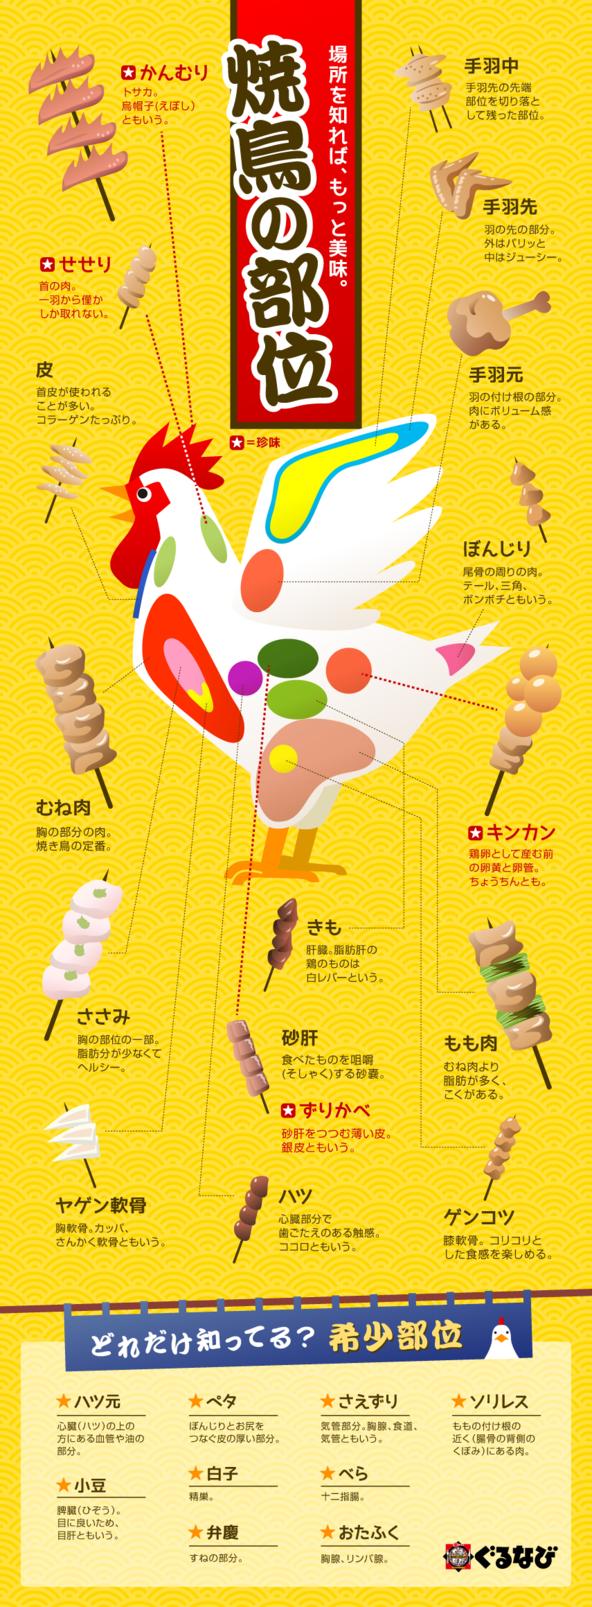 Visual graphics of Parts of the Yakiyotori. 焼き鳥と一言でいっても、その部位は様々。焼き鳥の部位について、もっと詳しくなってしまう・・・!?そんなインフォグラフィックです。